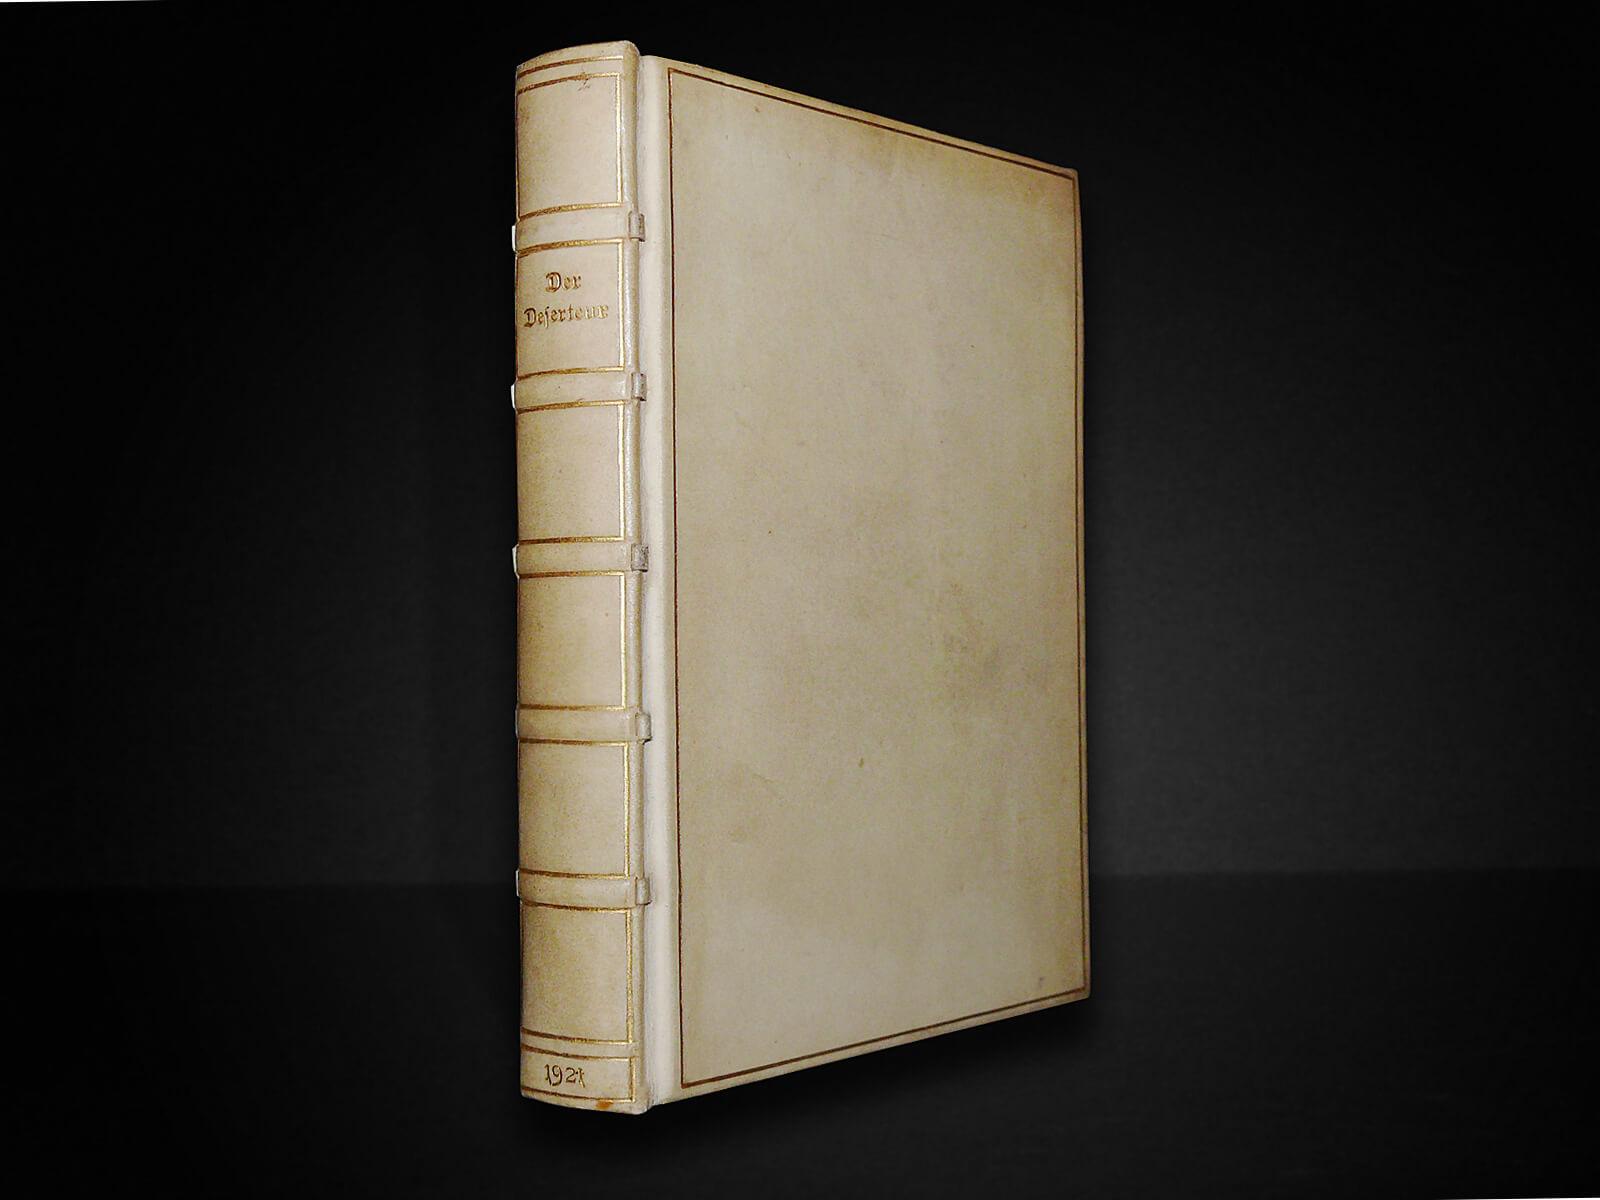 Der Pergamentband der Frieda Thiersch (von Paul Kersten)